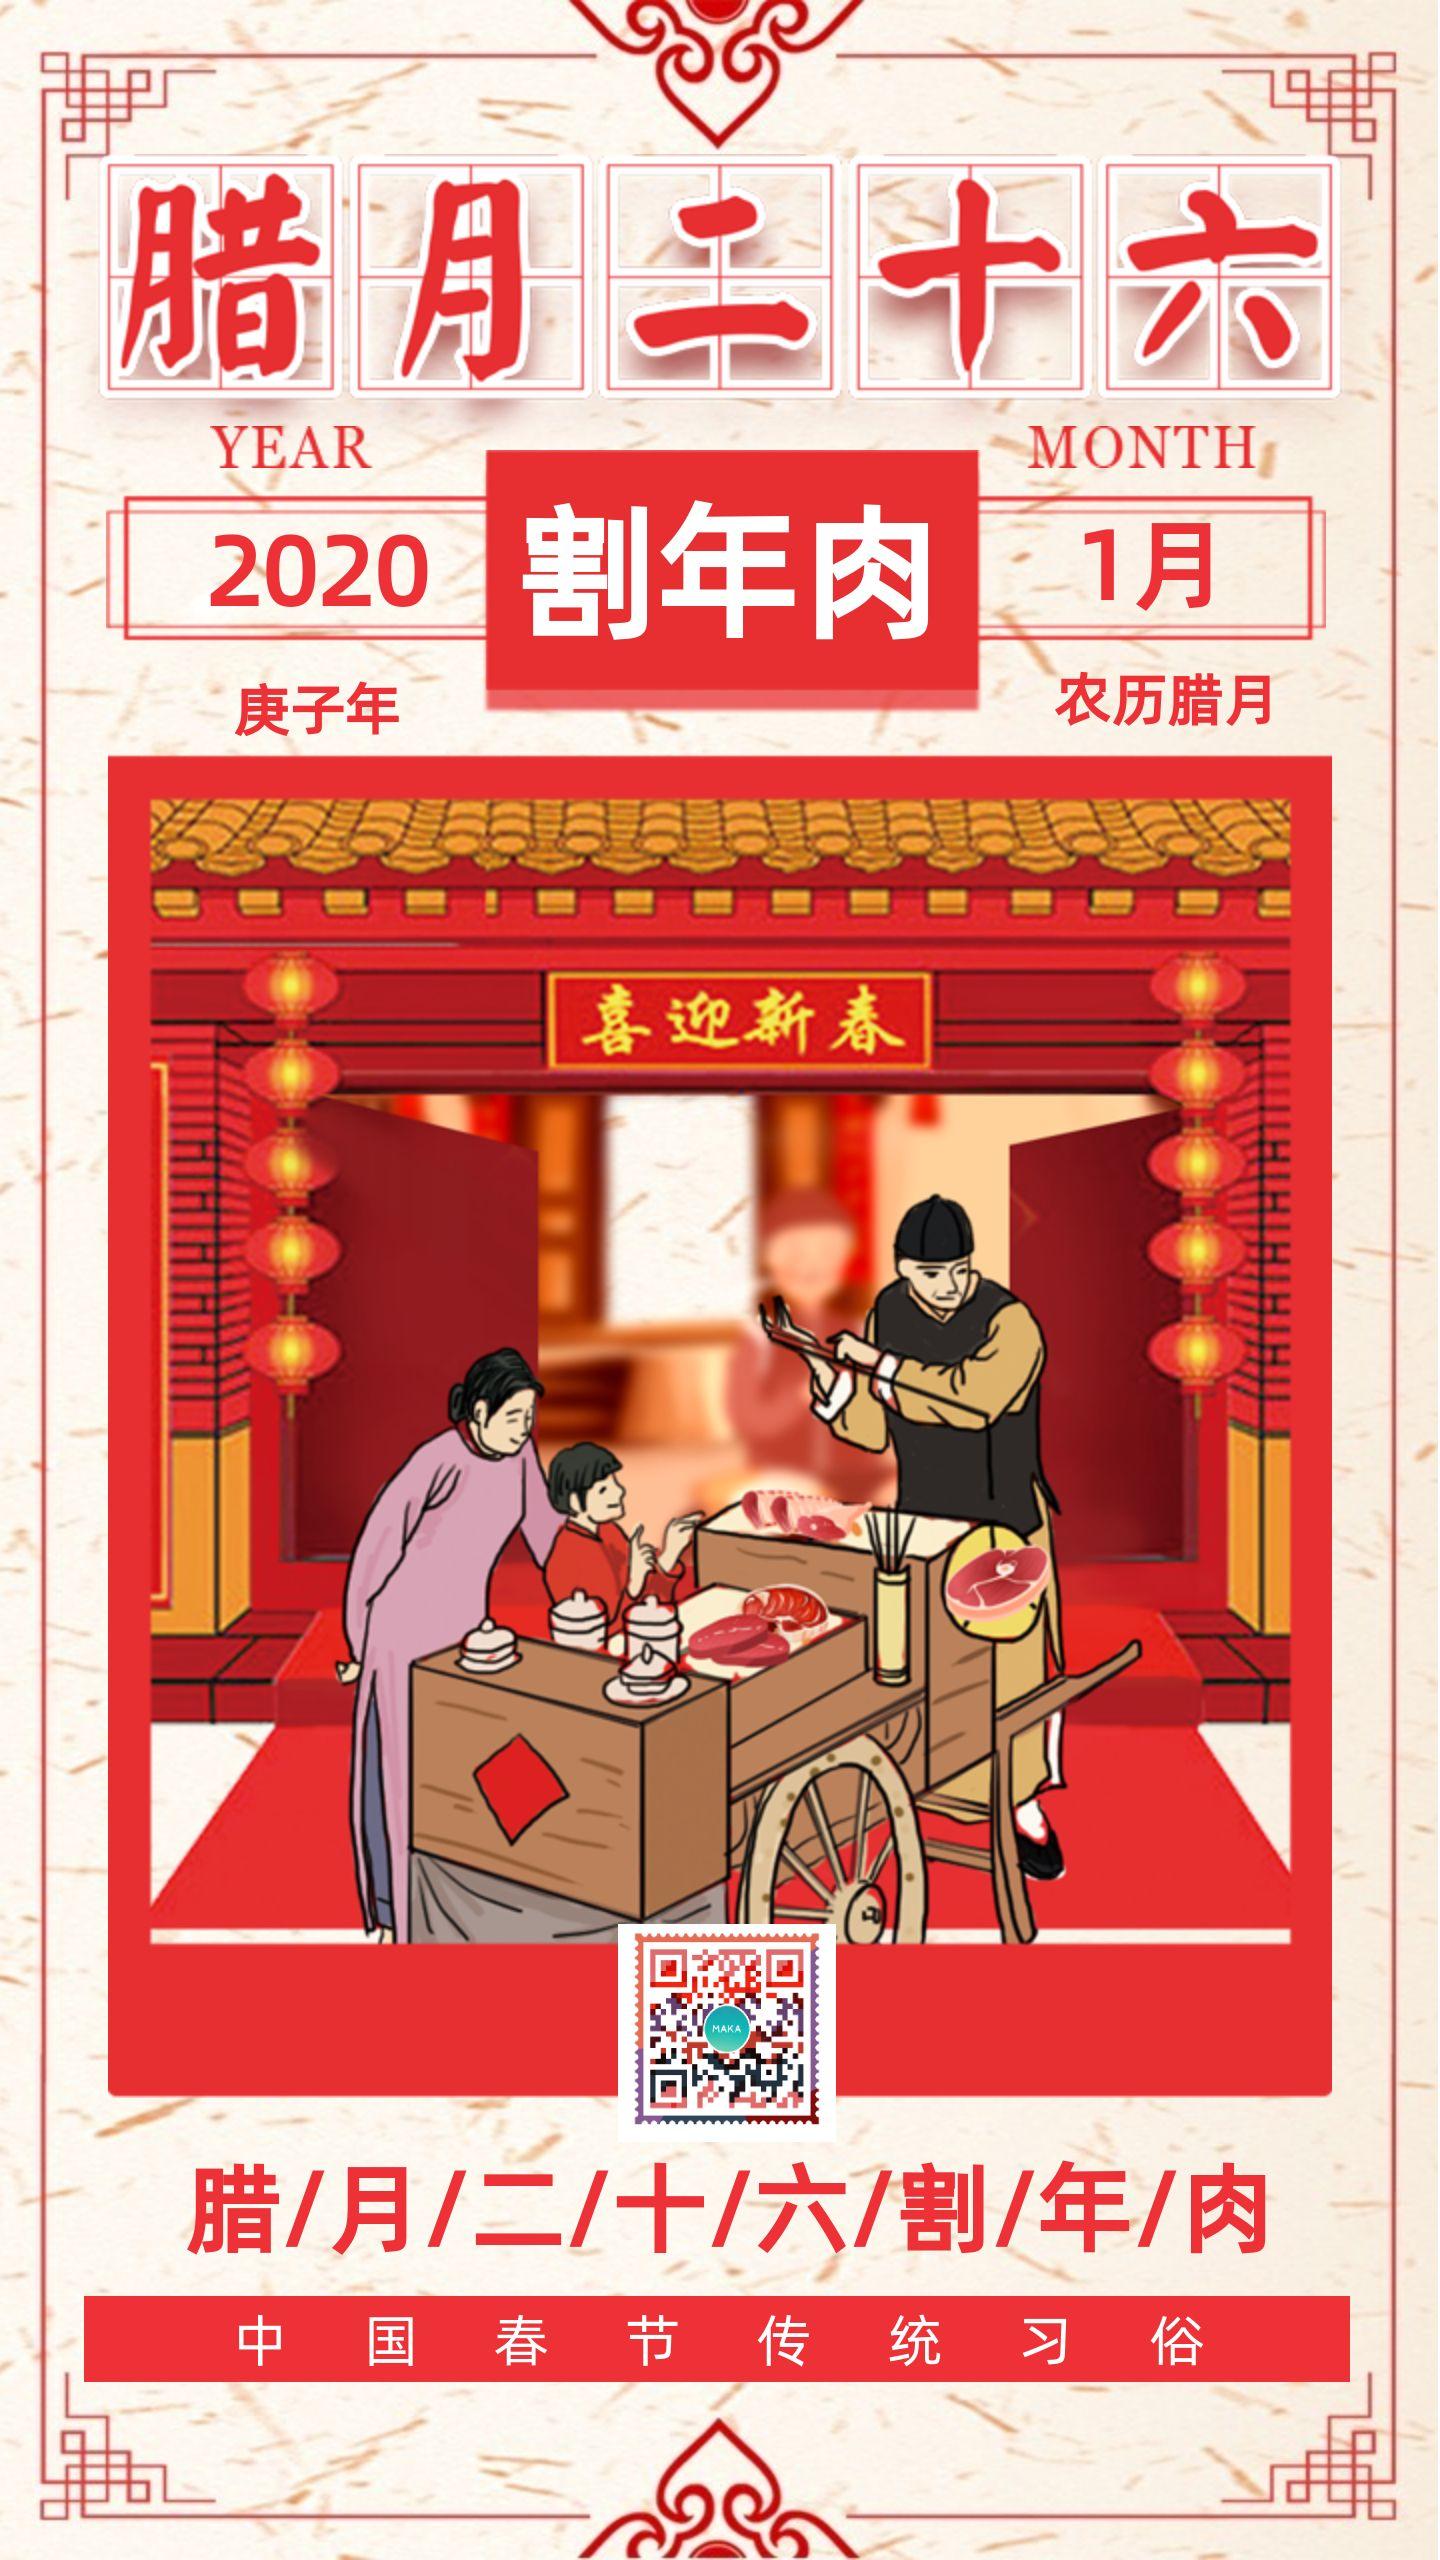 腊月二十六割年肉中国风2020鼠年春节祝福拜年手机版新年日签习俗海报